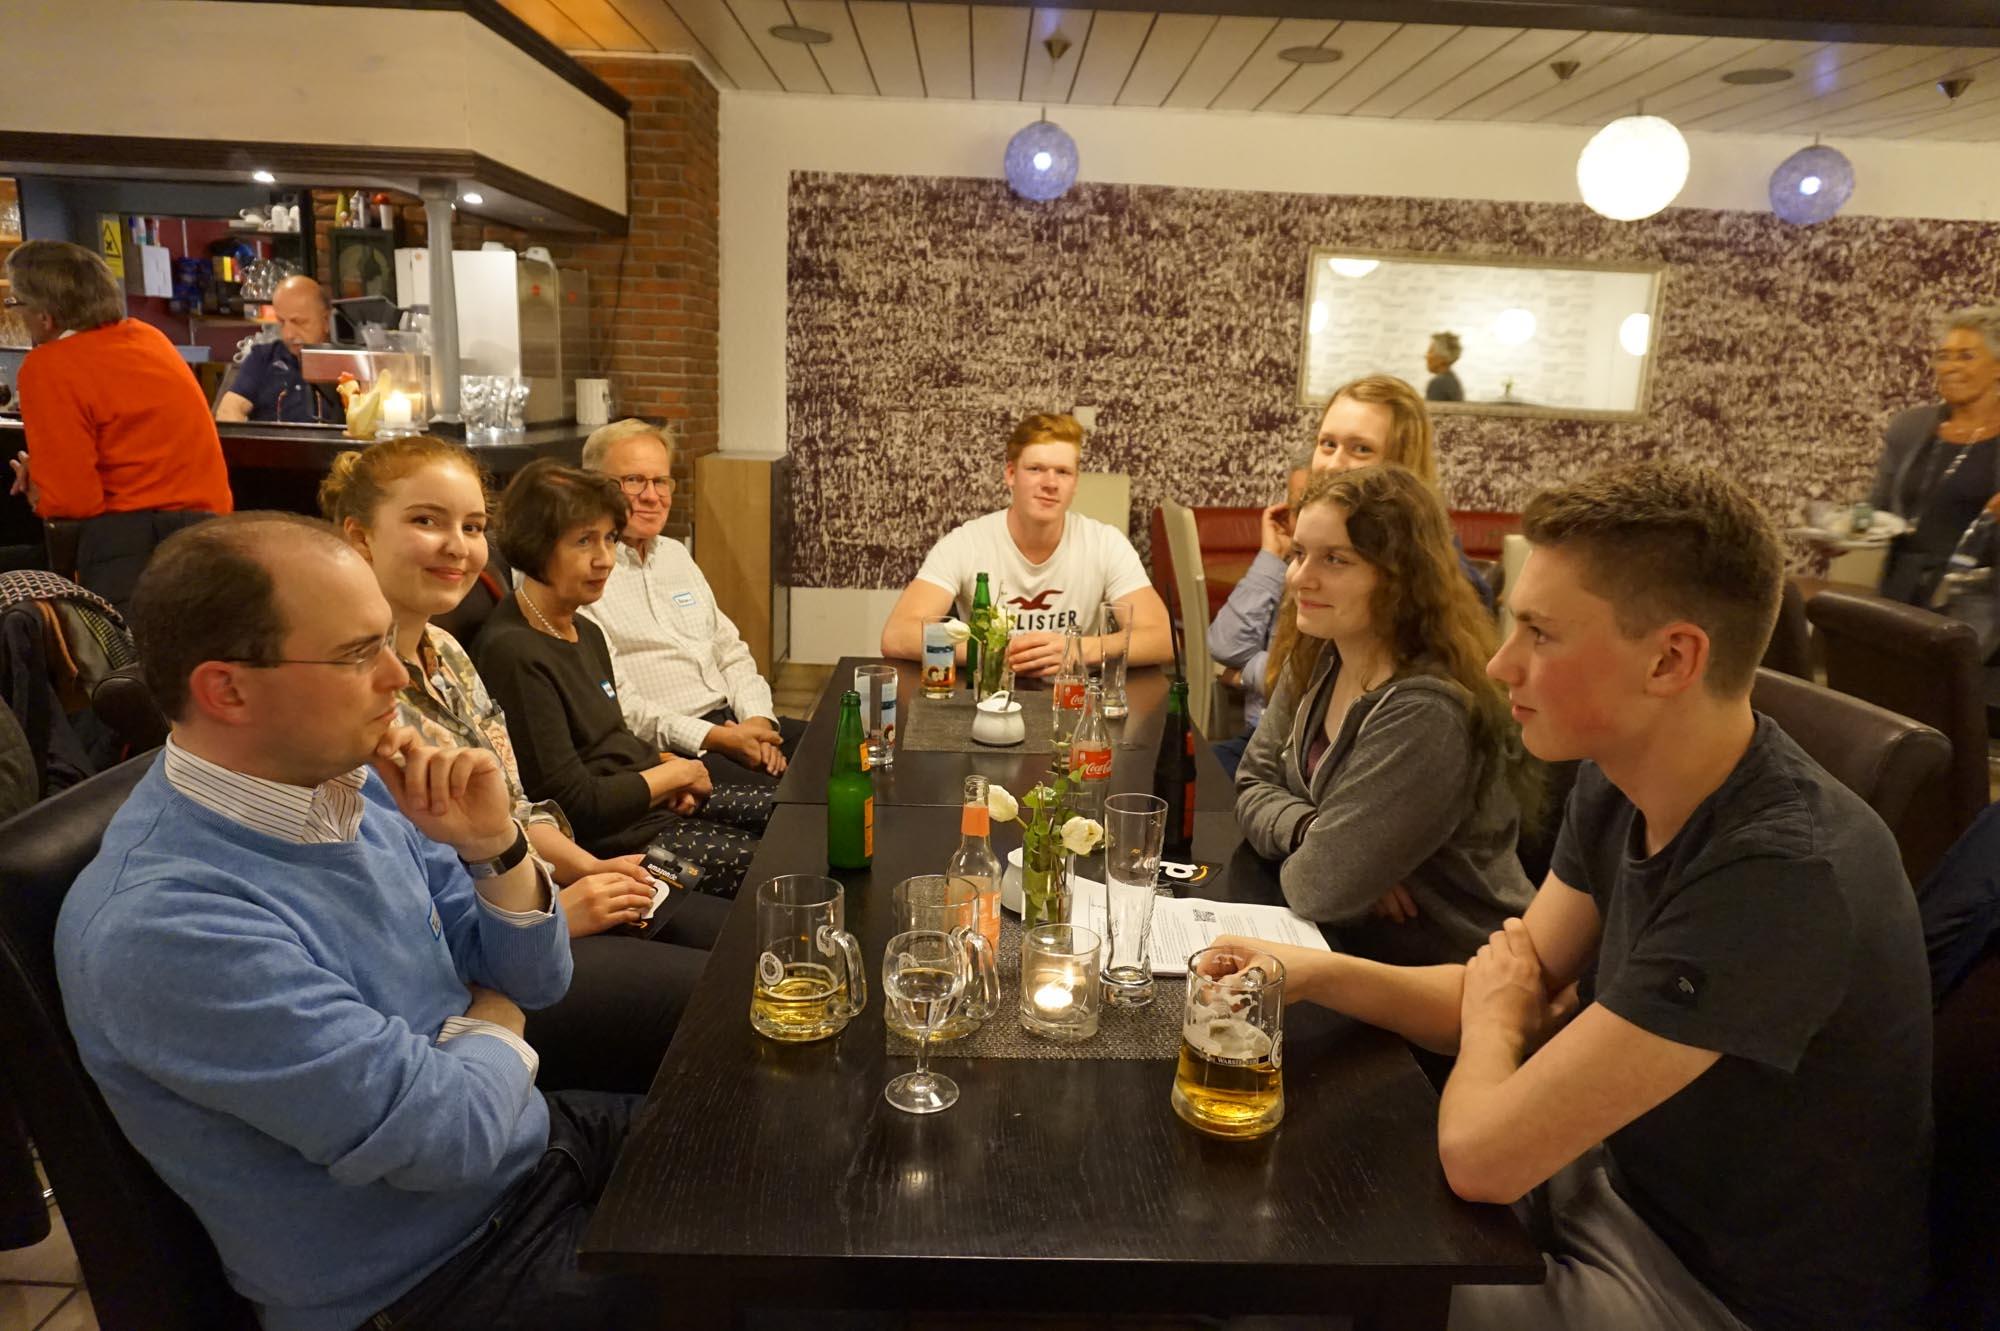 BDE-Treffen-2017-00678-61-Copyrights-Anton-Ahrens.jpg